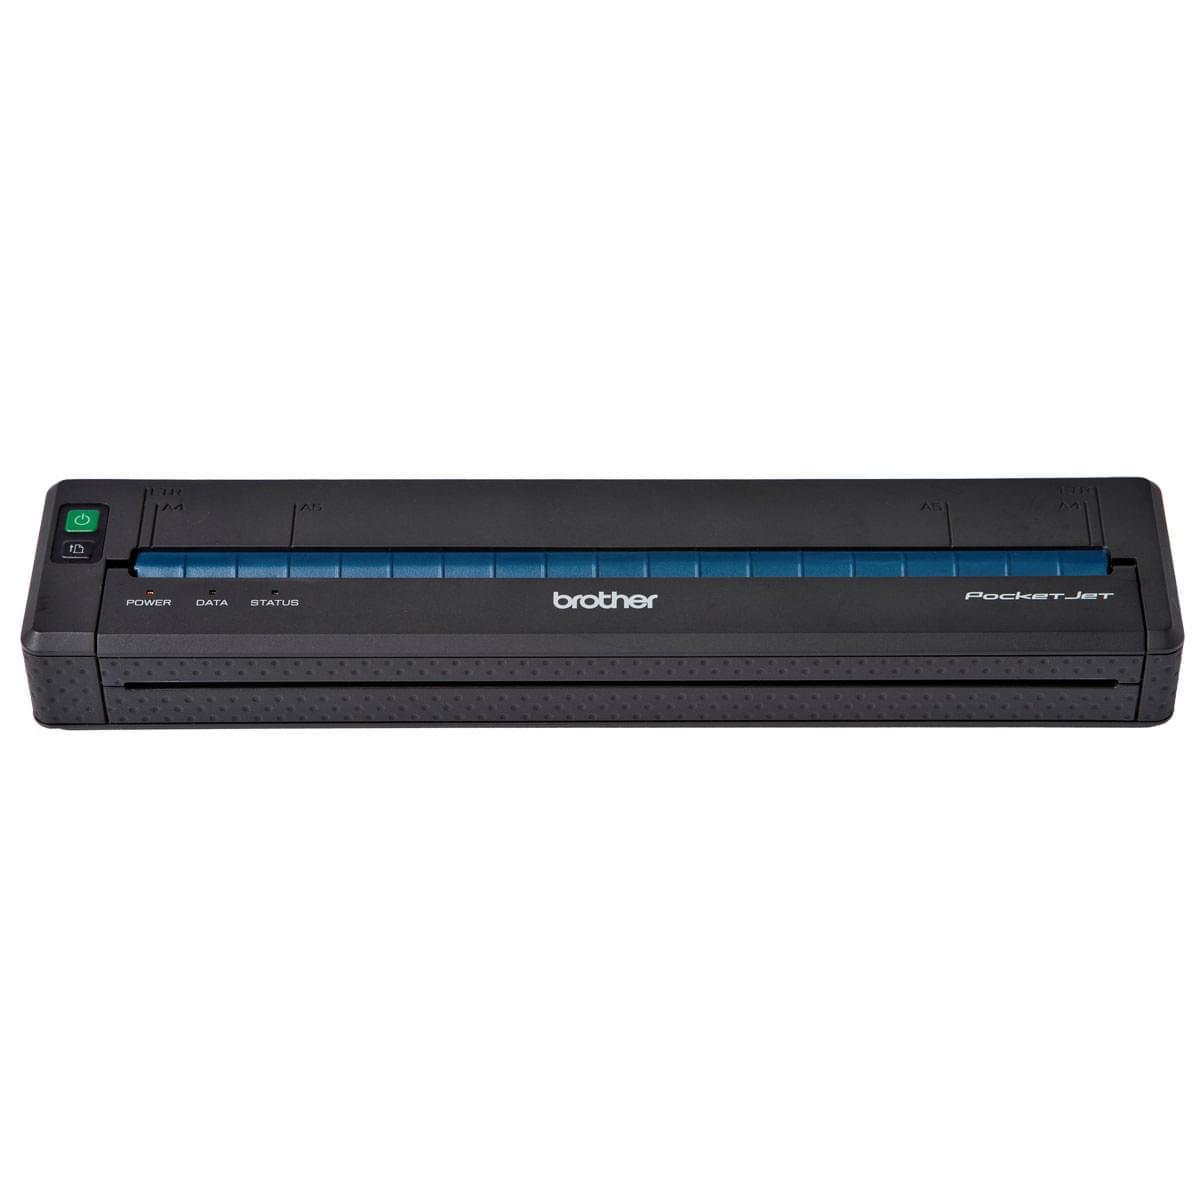 Imprimante Brother PJ-663 + Adapt sect + Batt Ni-MH - Cybertek.fr - 0